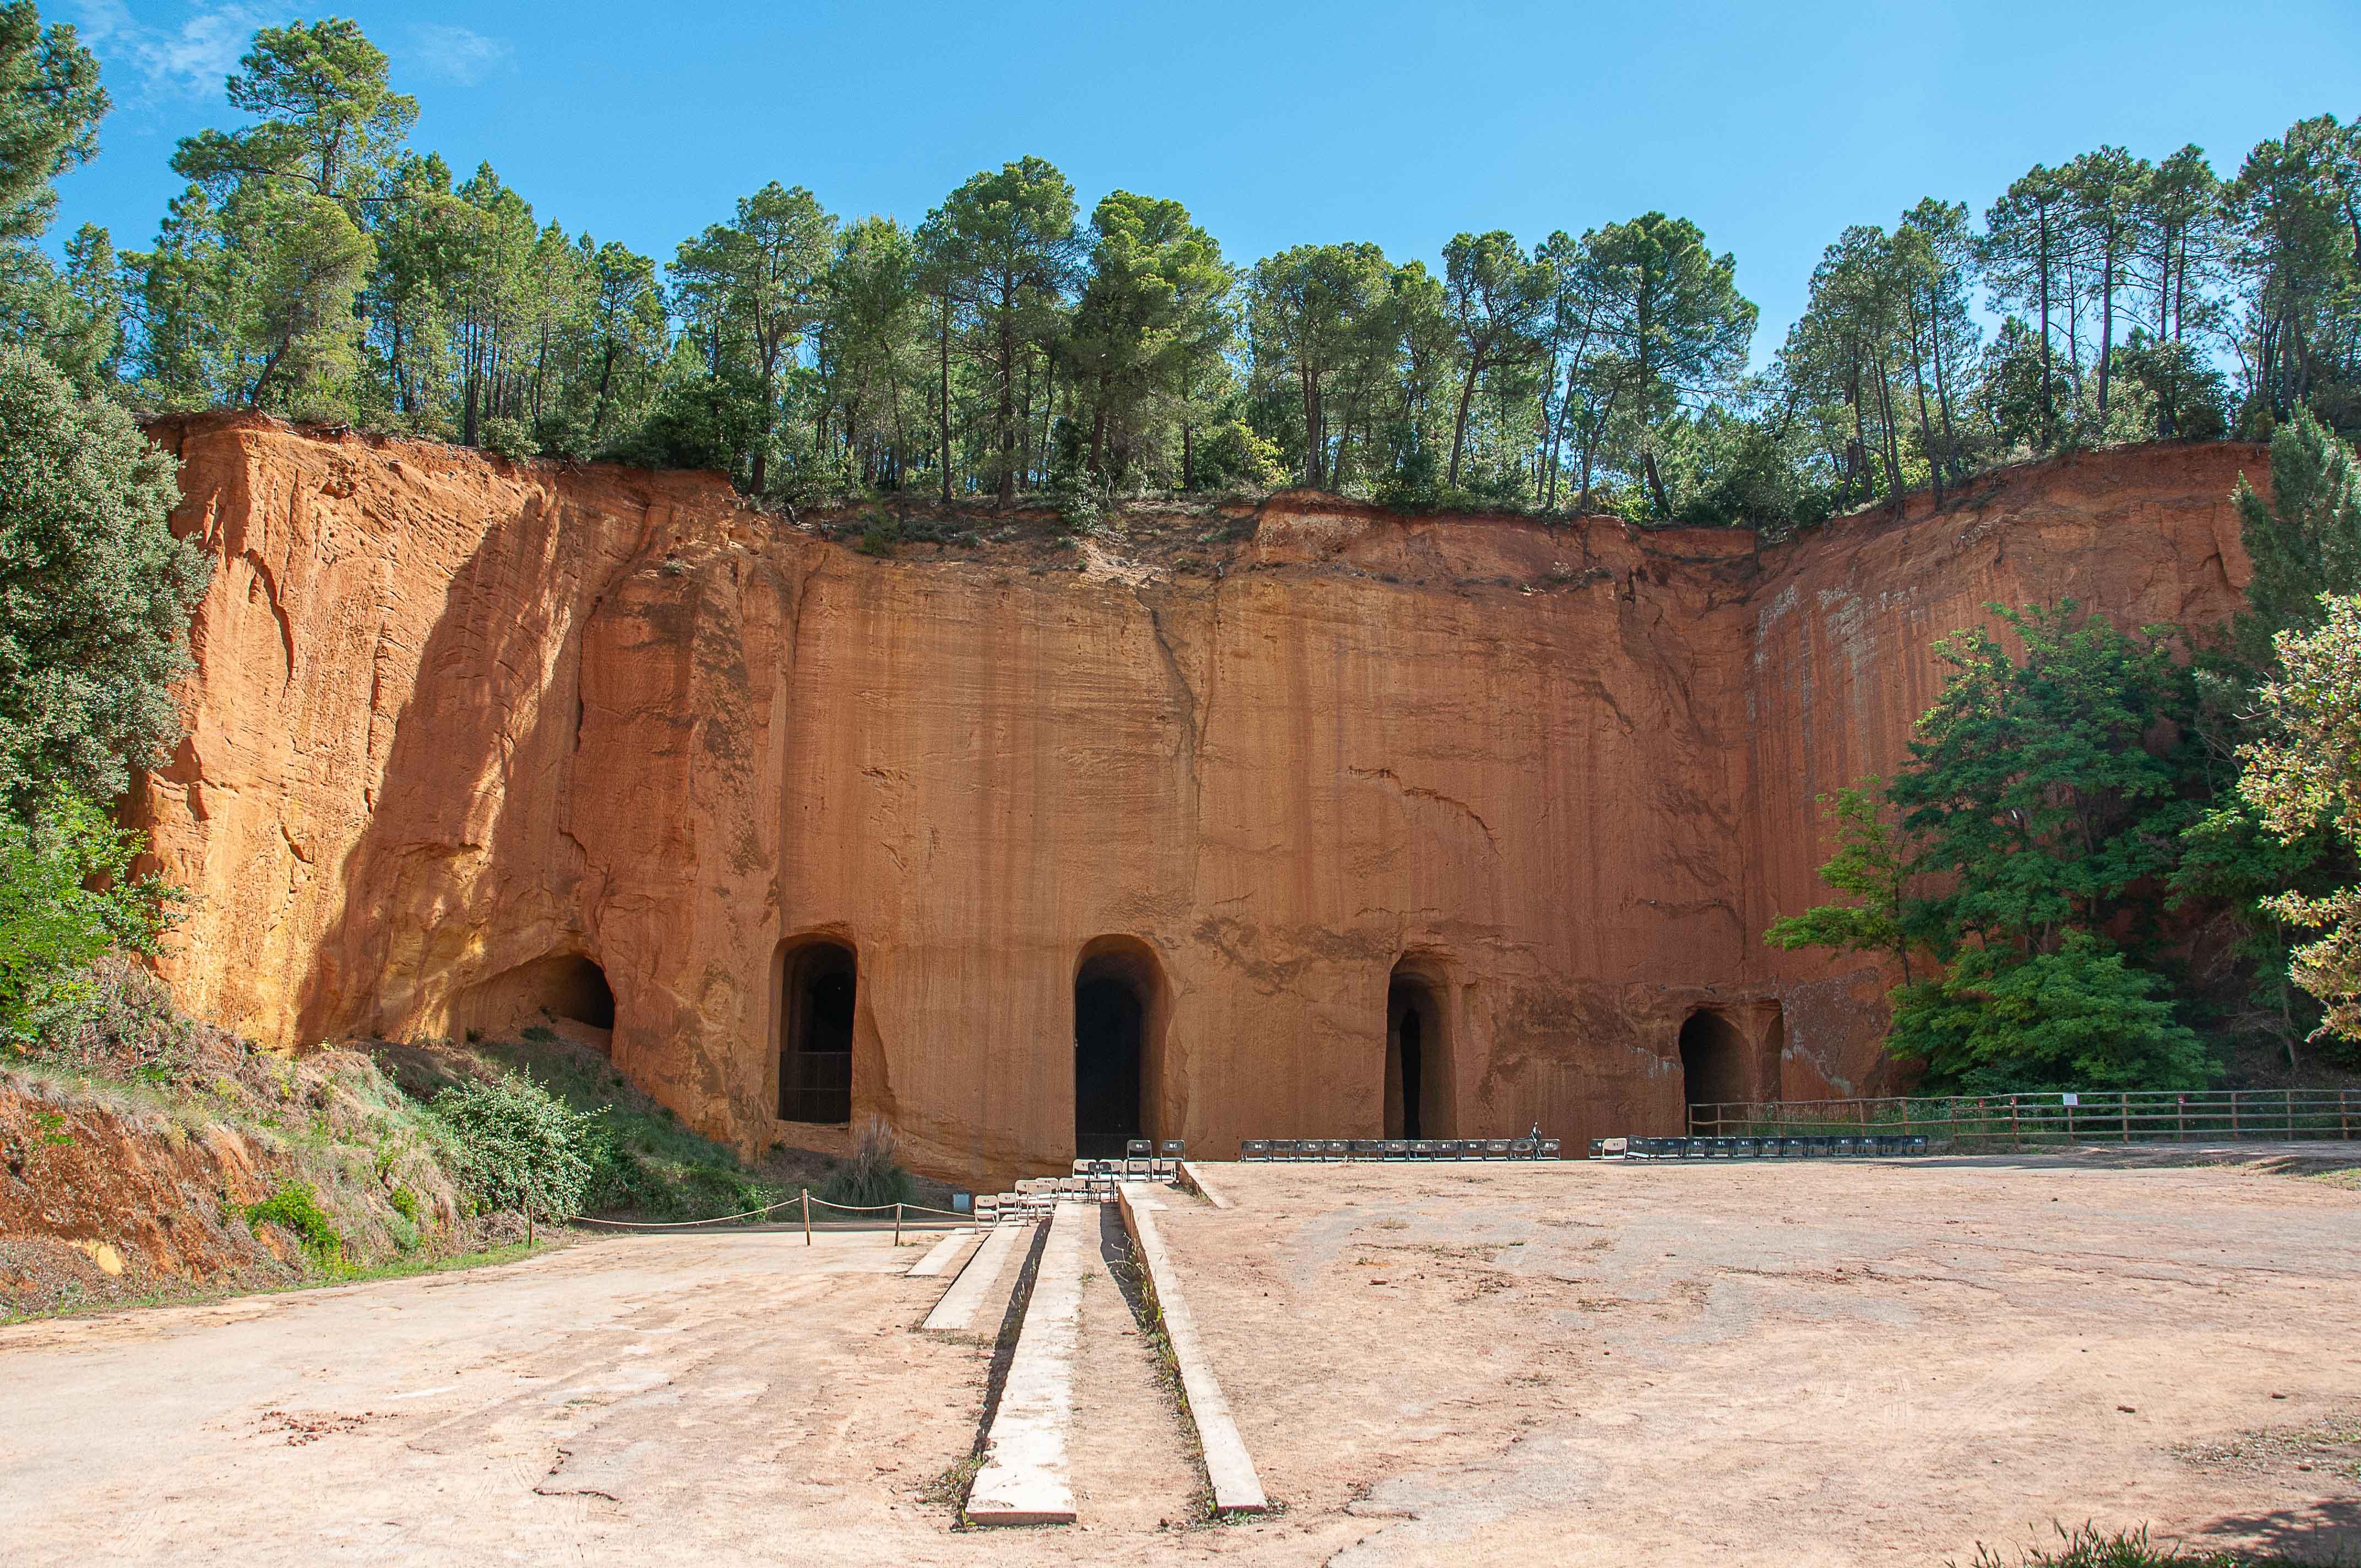 L'entrée d'une mine d'ocre